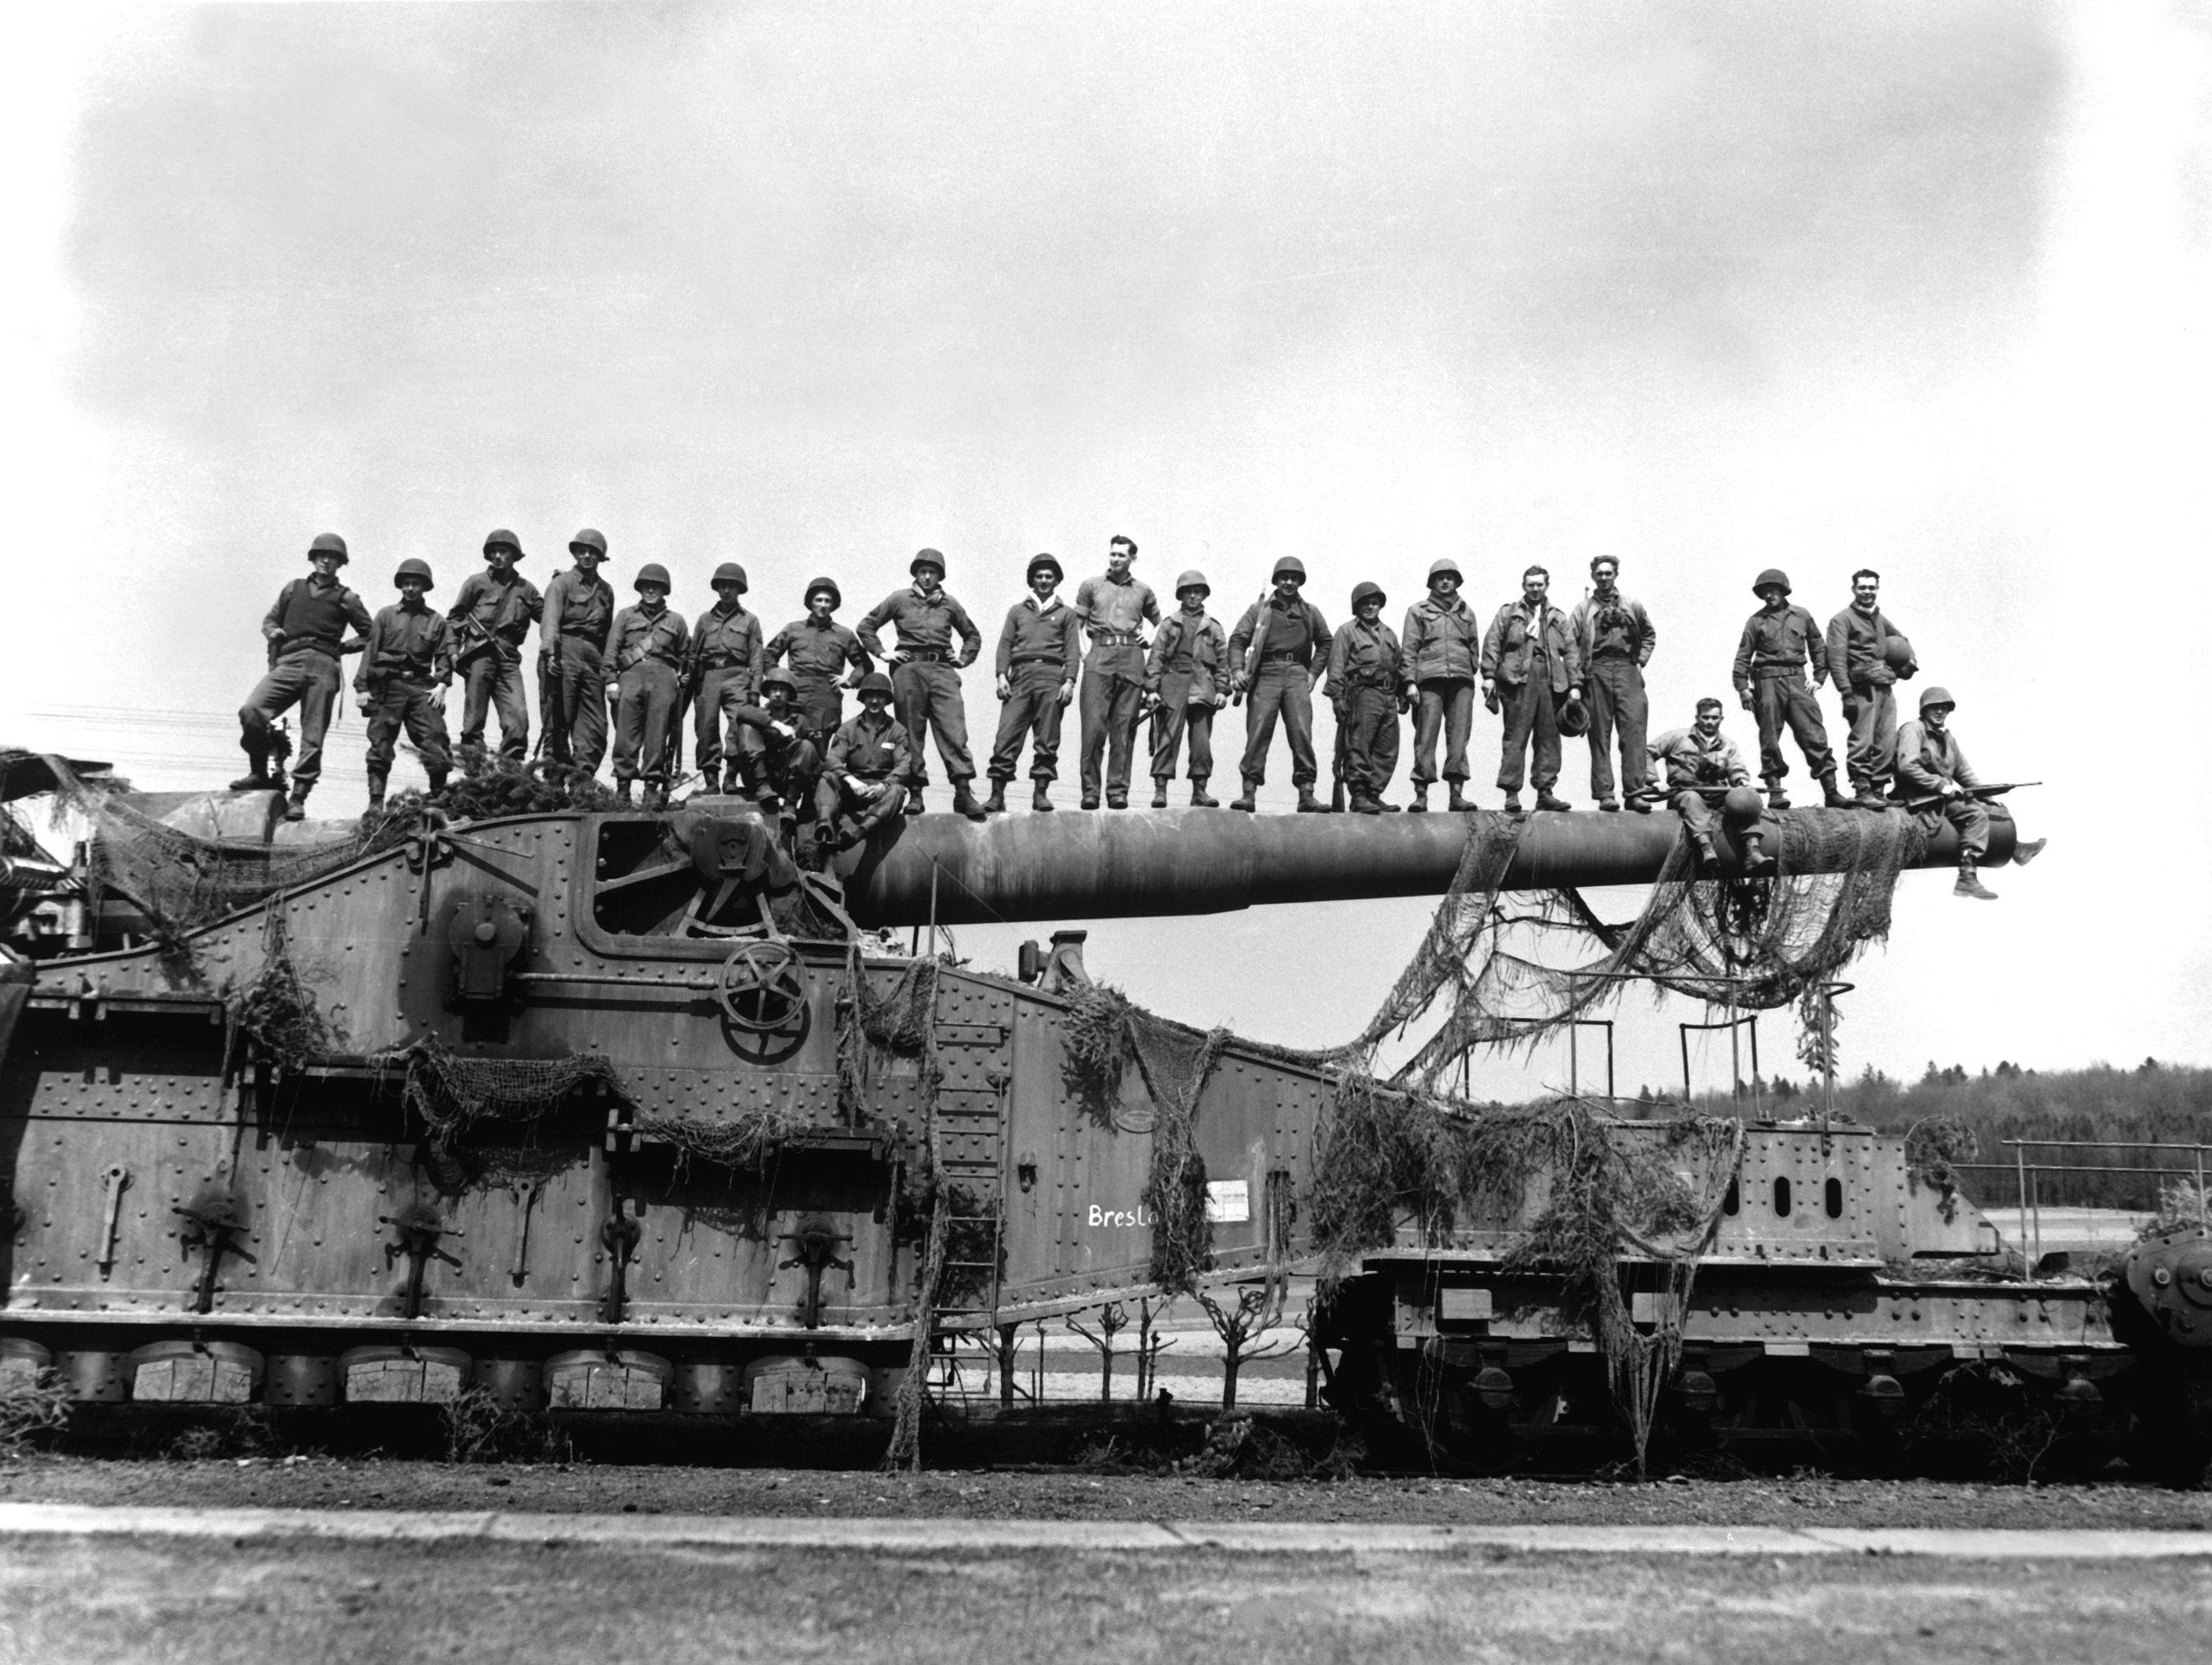 Schwerer Gustav - Hitler's giant gun - How it worked and ...